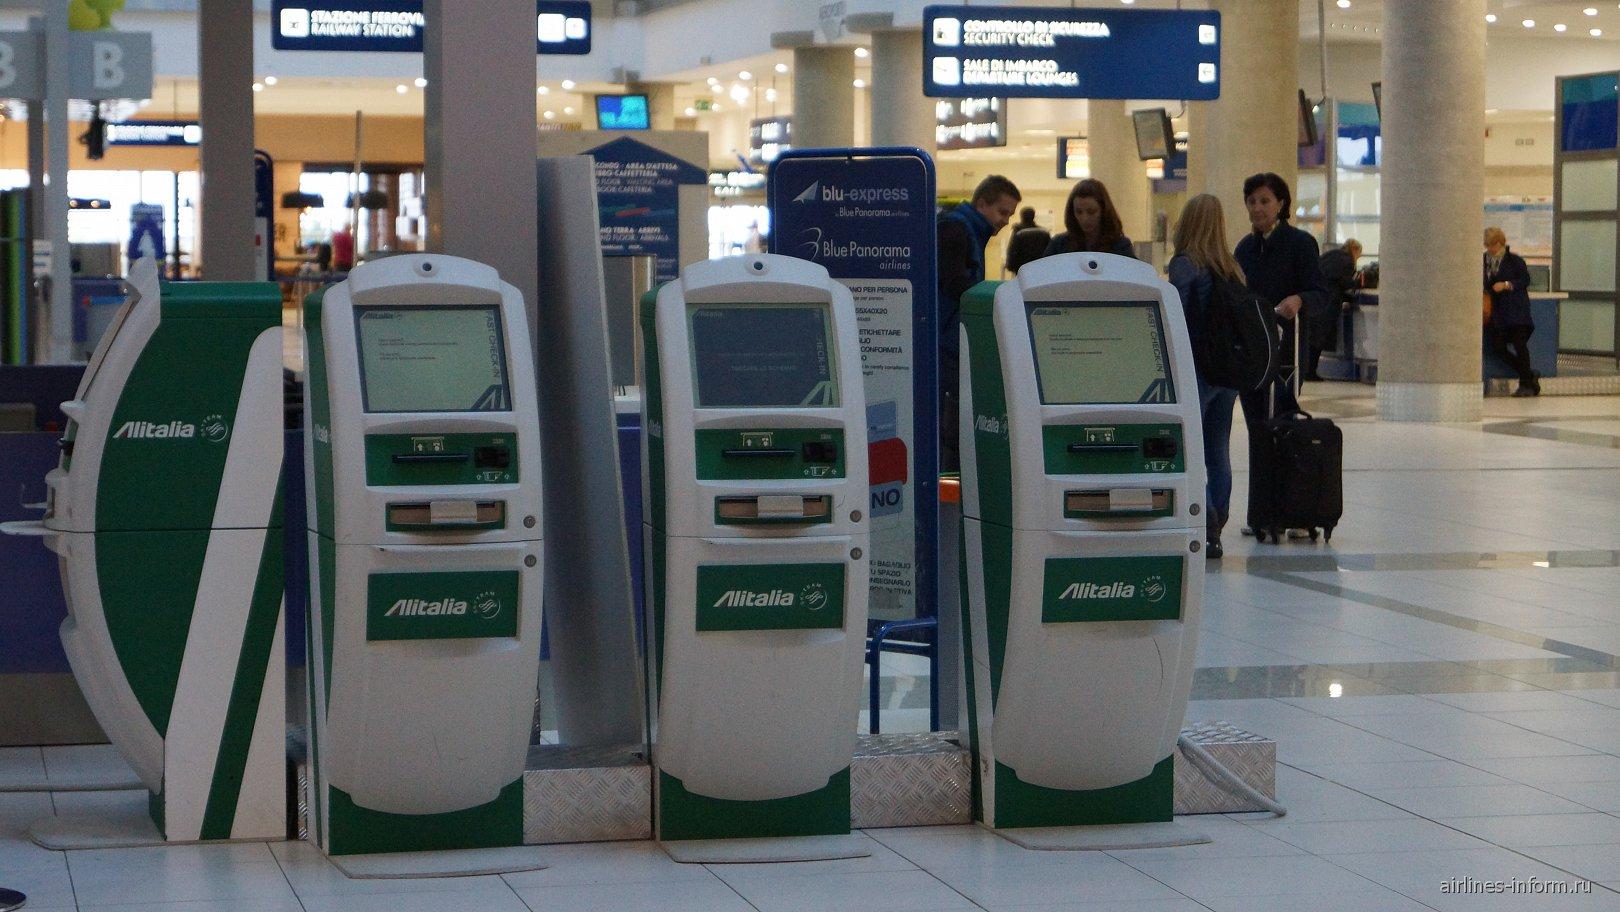 Киоски самостоятельной регистрации на рейсы Alitalia в аэропорту Бари